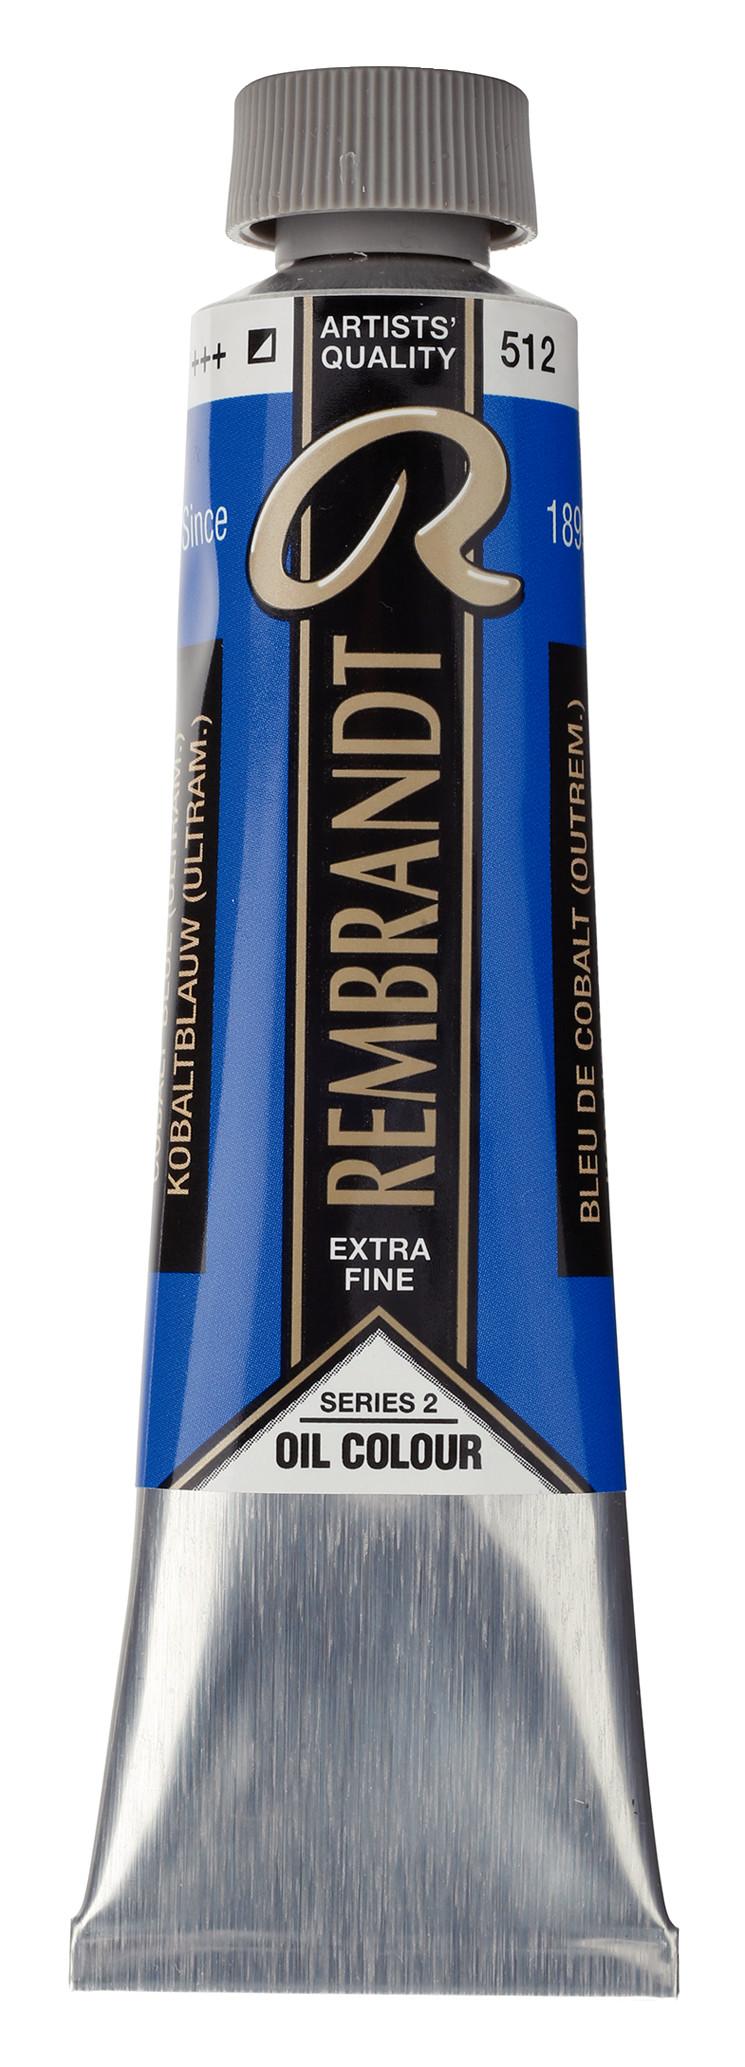 Rembrandt Oil colour Paint Cobalt Blue Ultramarine (512) 40ml Tube